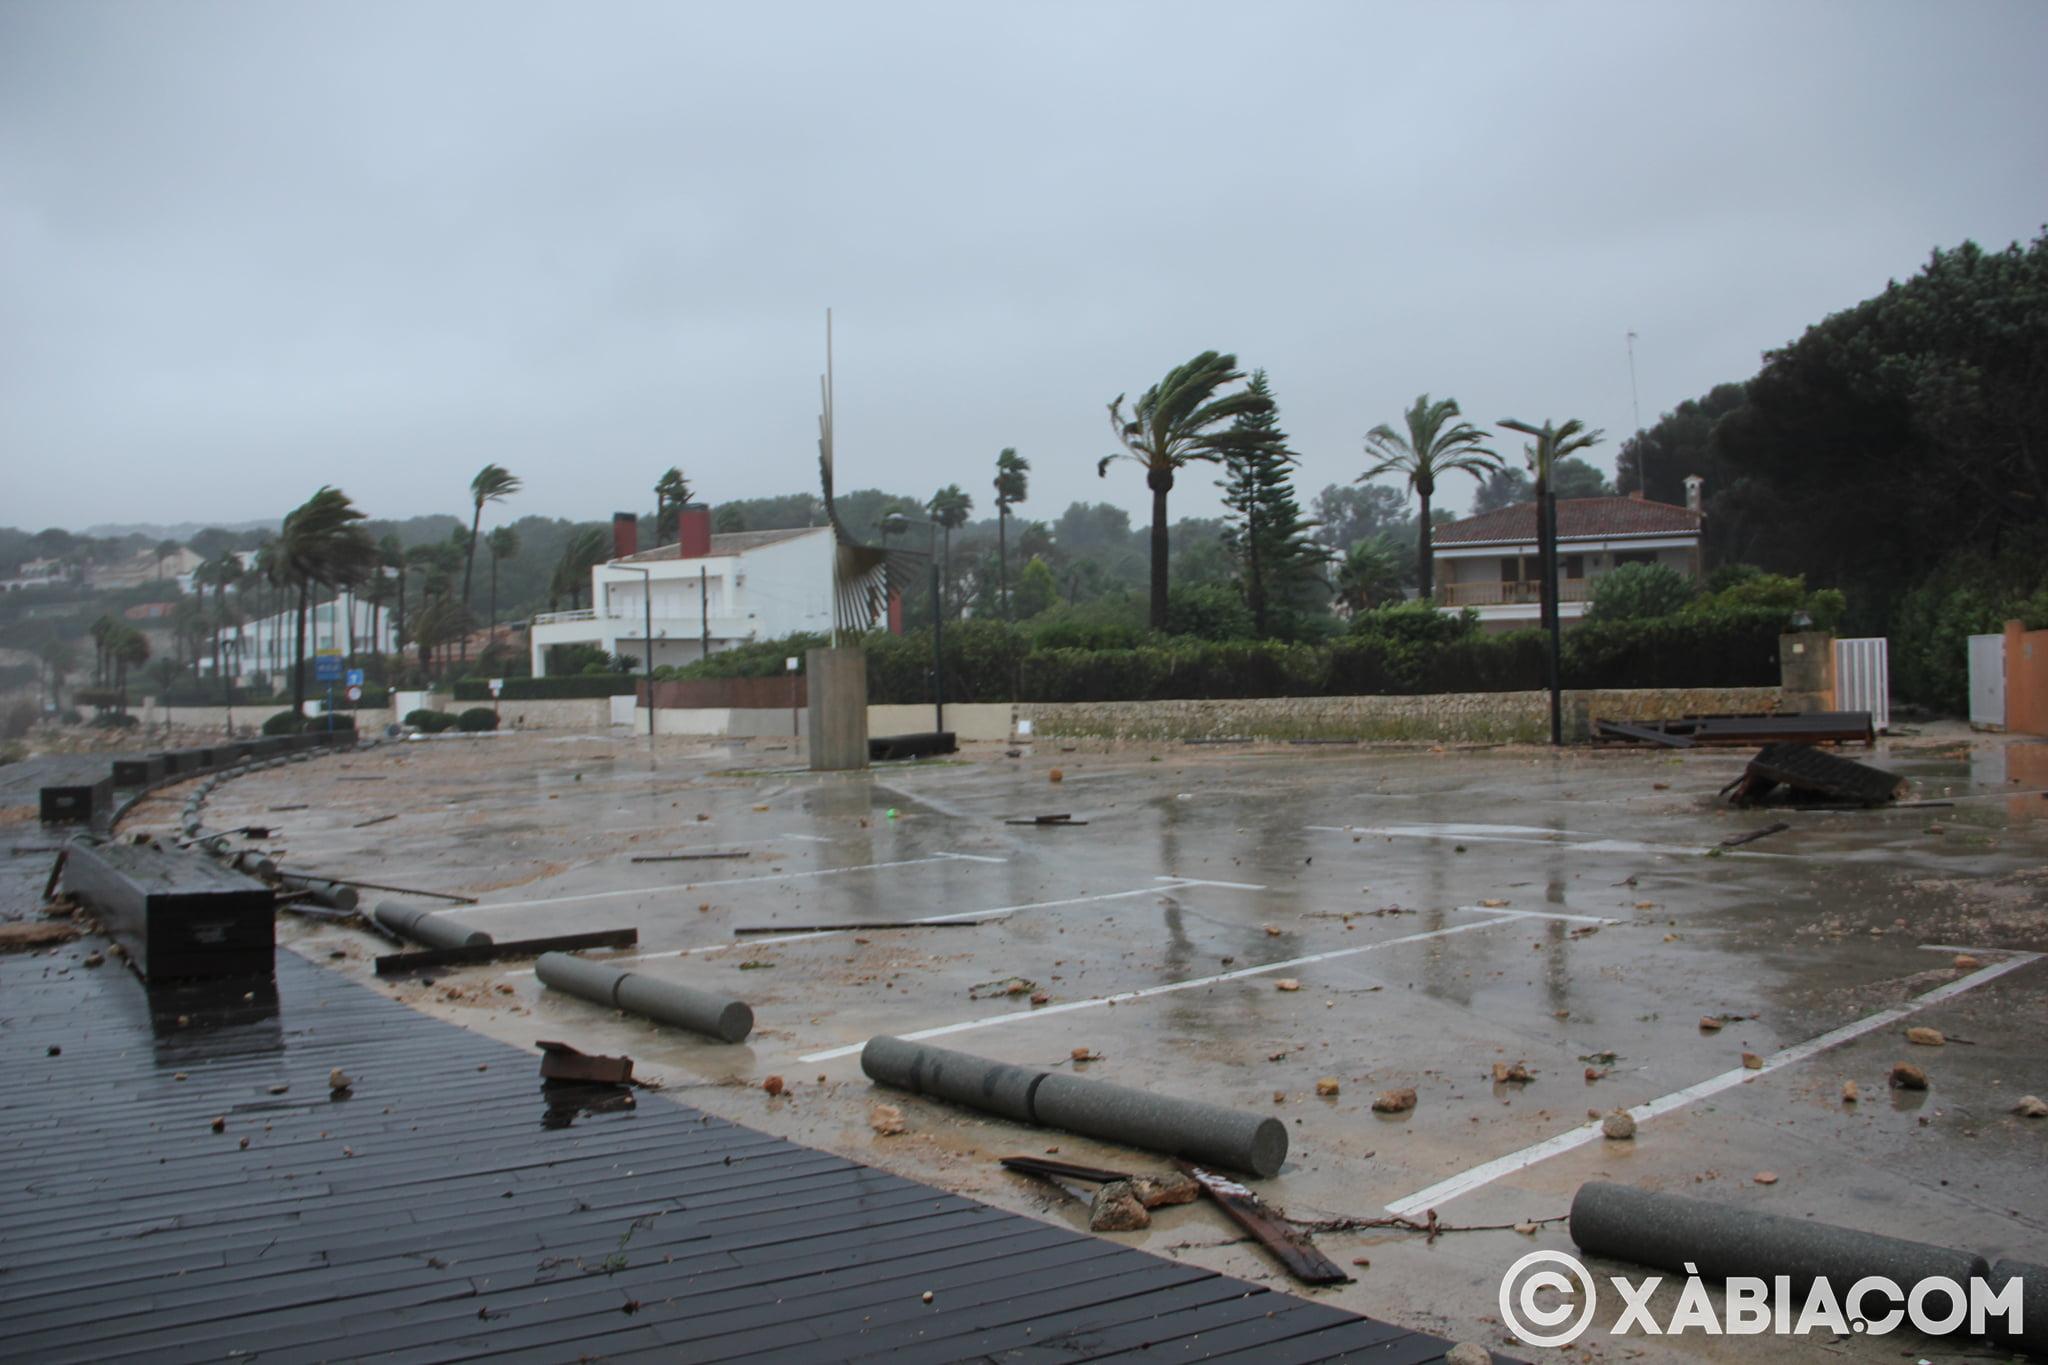 Brandelli di pioggia, vento e mare in Xàbia (2)